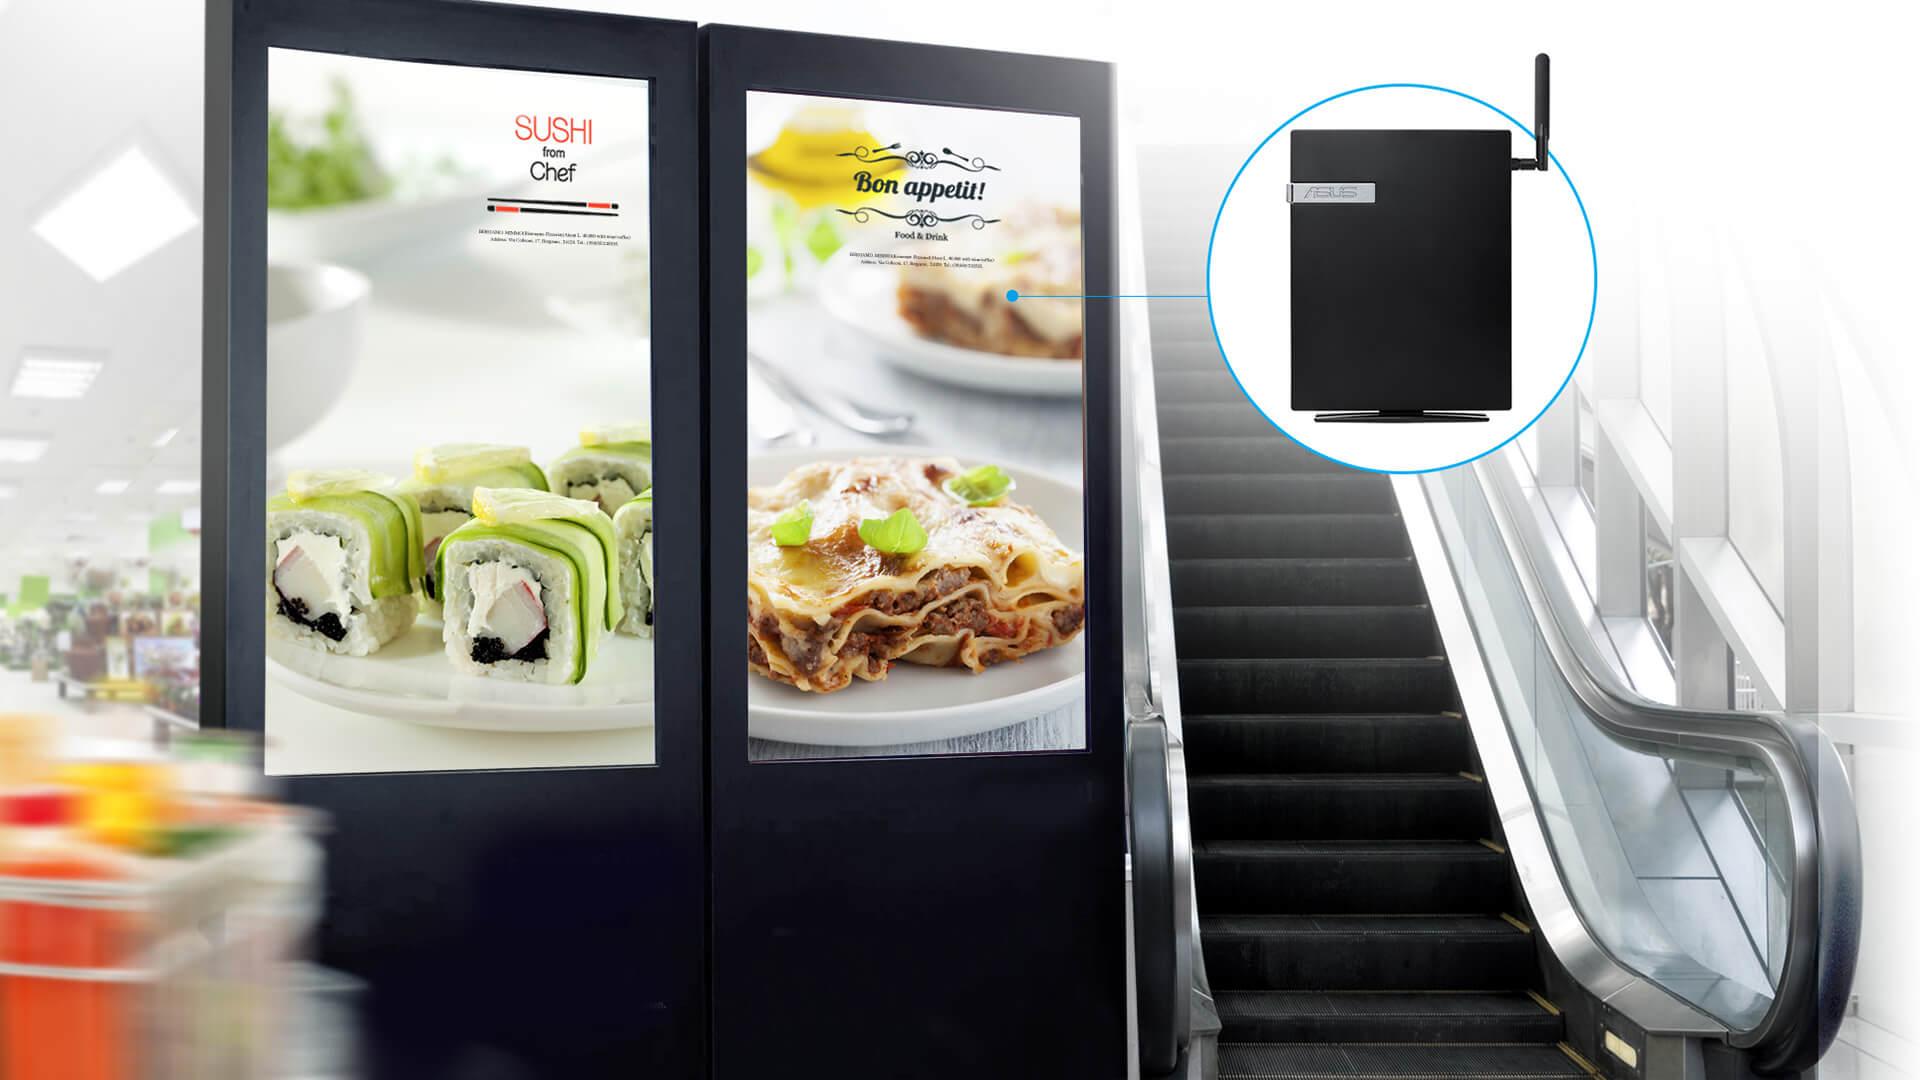 ASUSPRO E420-Mini PC-Digital signage